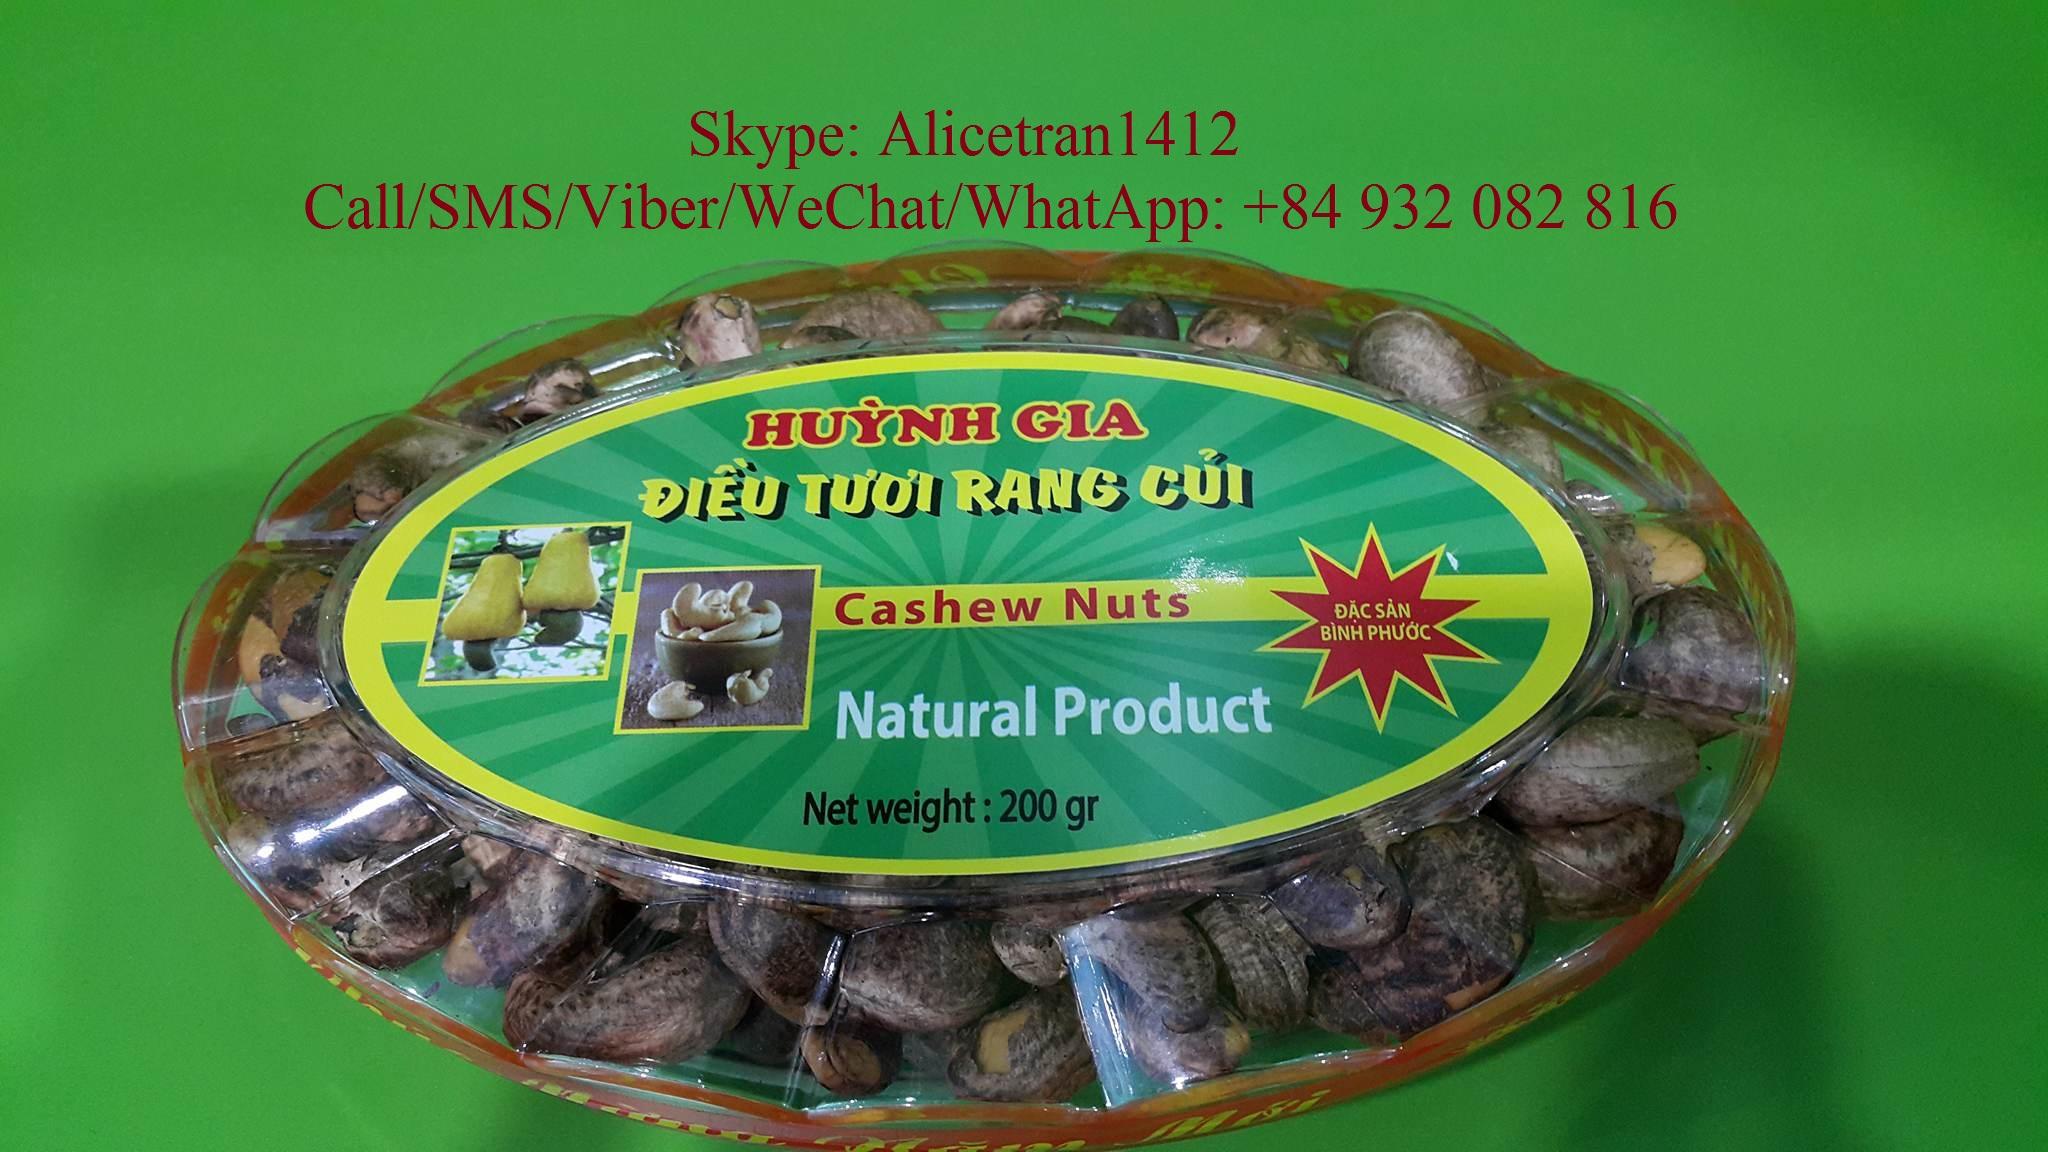 Cashew Nuts Buy Online